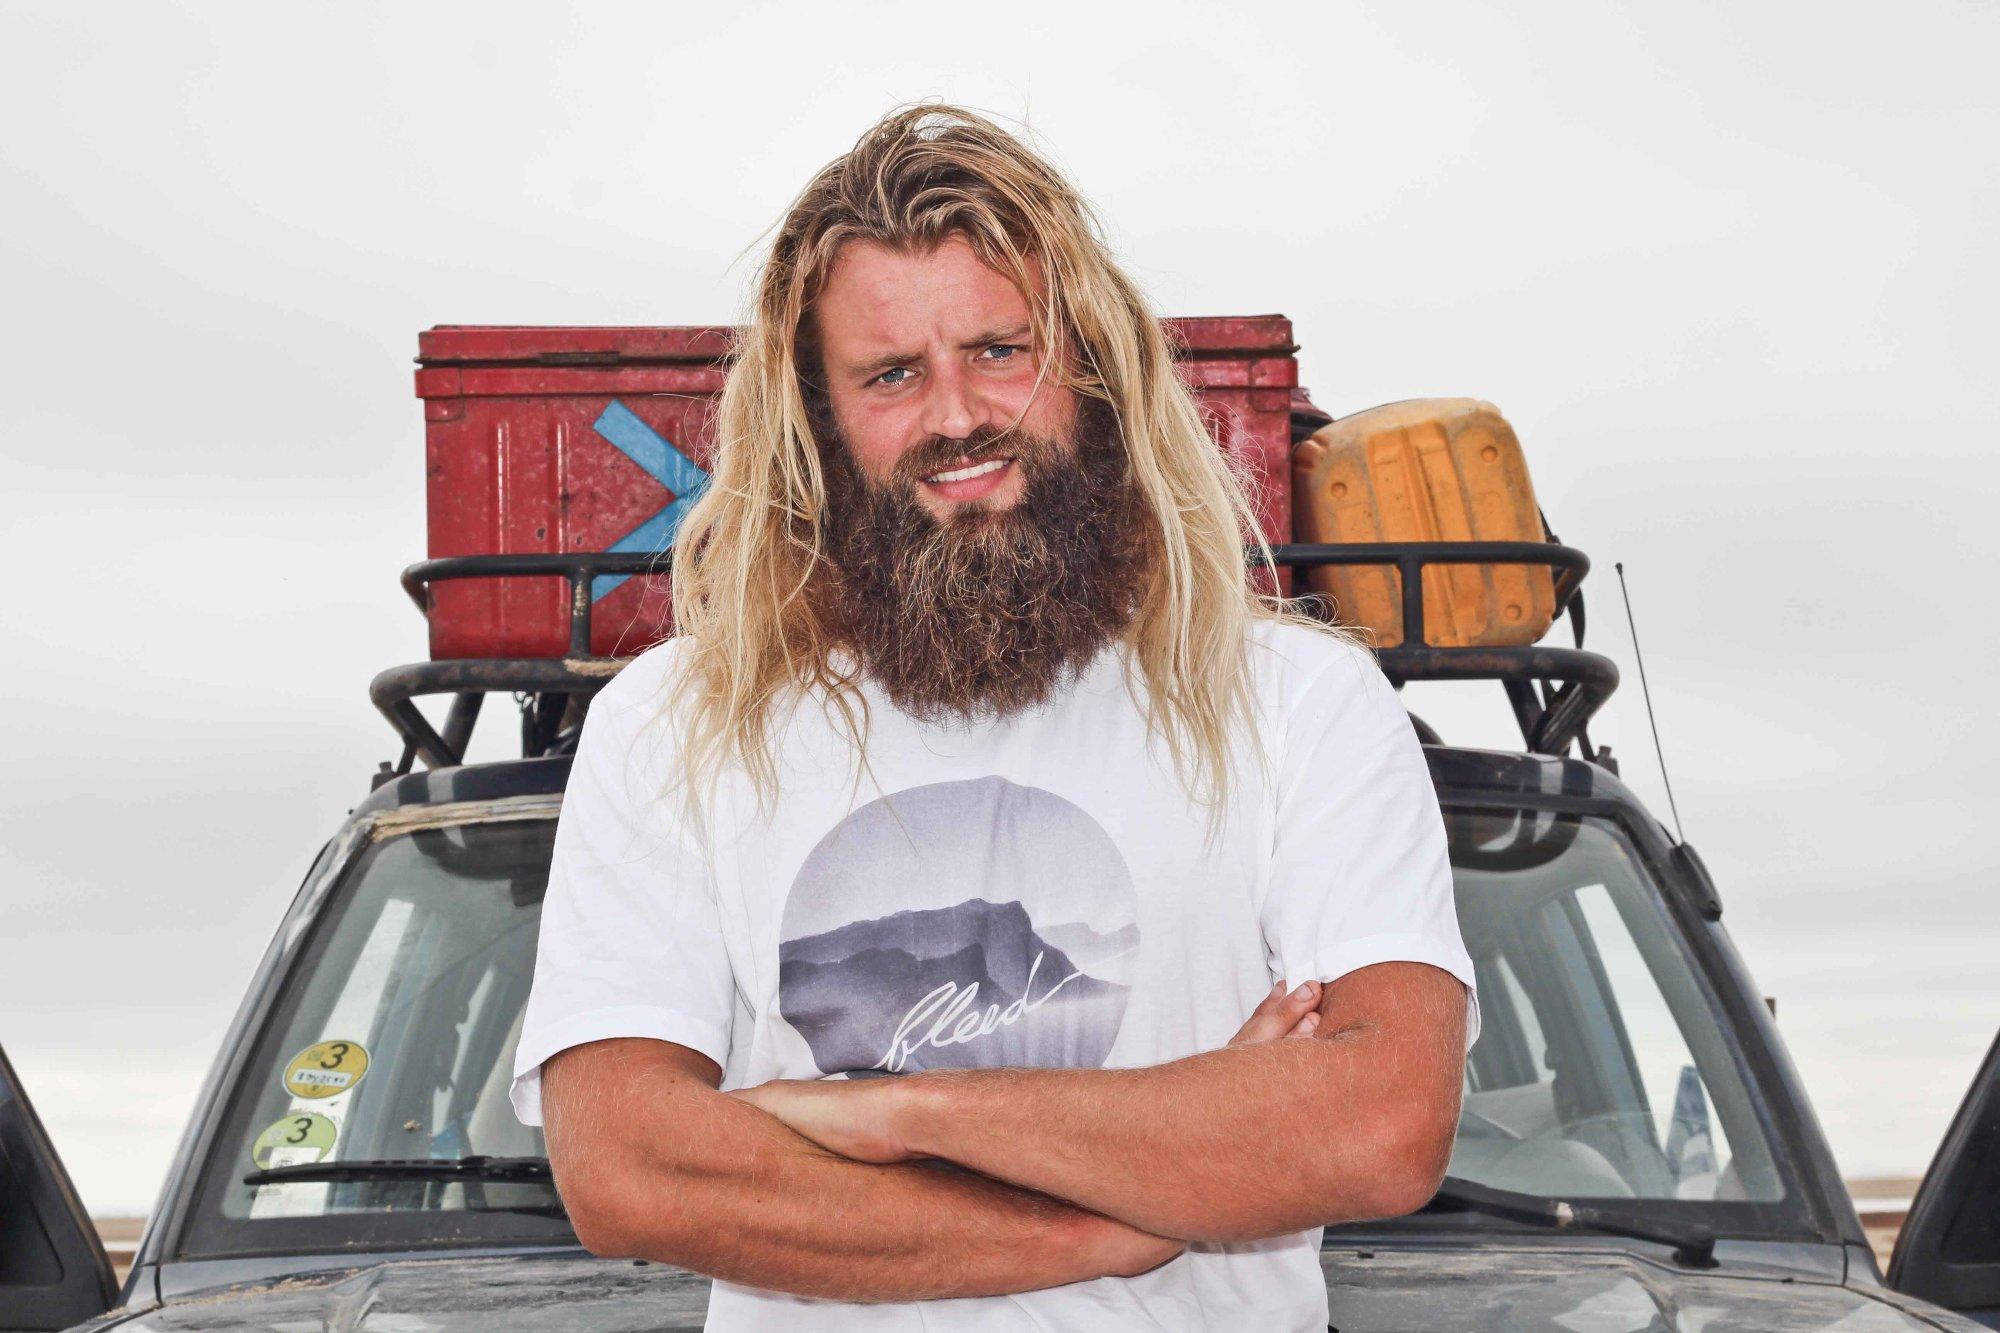 Der Darmstädter Carlo Drechsel ist seit über einem Jahr auf dem schwarzen Kontinent unterwegs und hat bisher keine einzige Sekunde seiner Reise bereut.